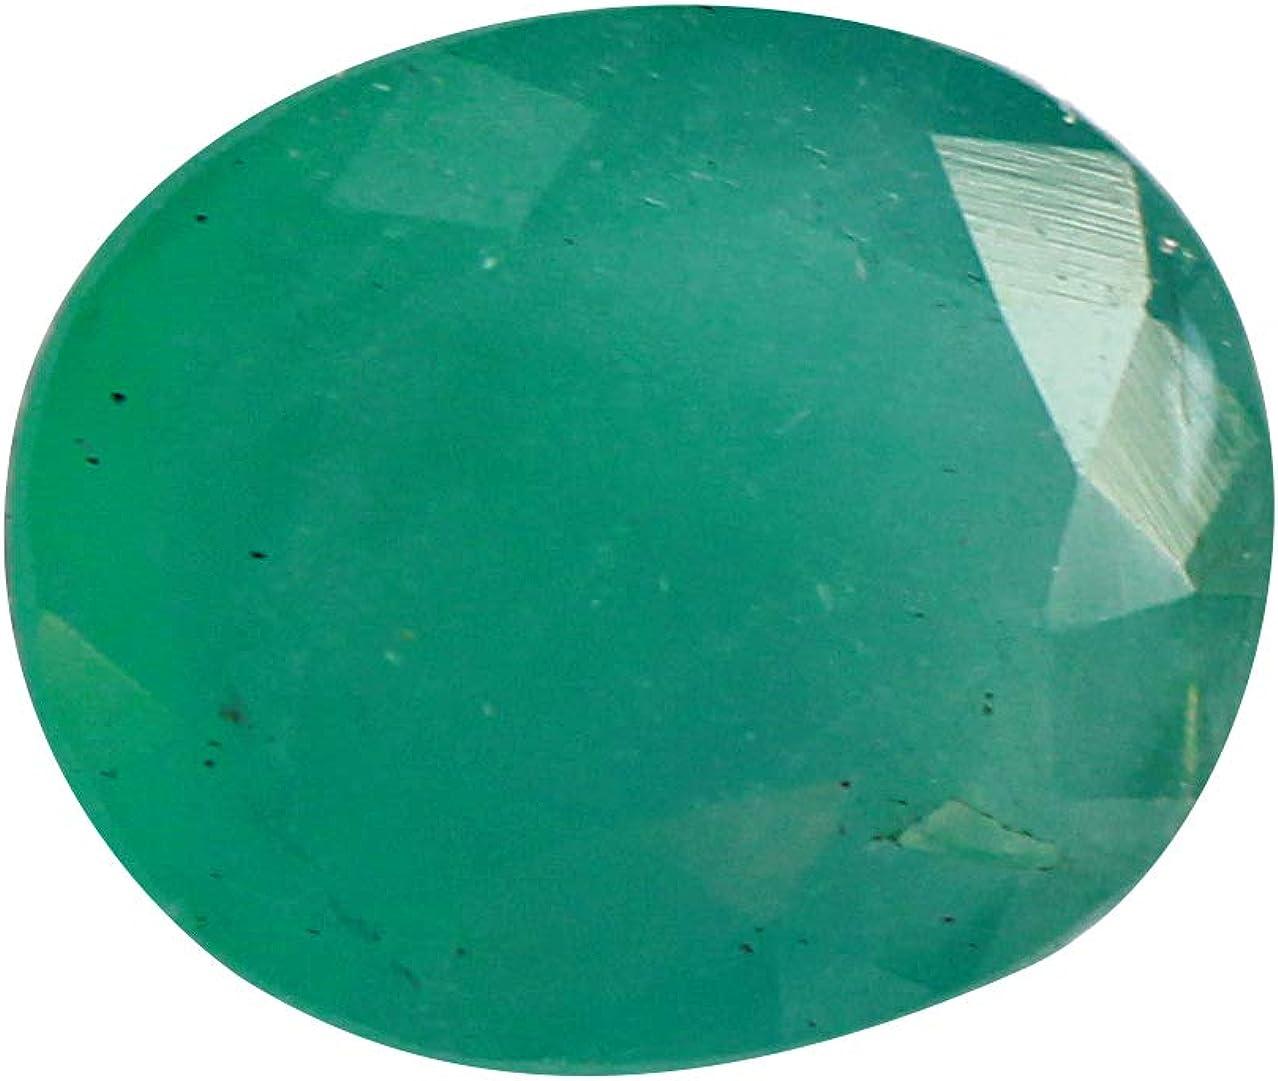 Jaipur Gems Mart 2.70 Quilates Forma Oval Natural de Zambia facetadas Panna Verde Esmeralda Cabochan Pieza para Hacer la joyería, Pendiente de la Esmeralda, la curación de Piedras Preciosas